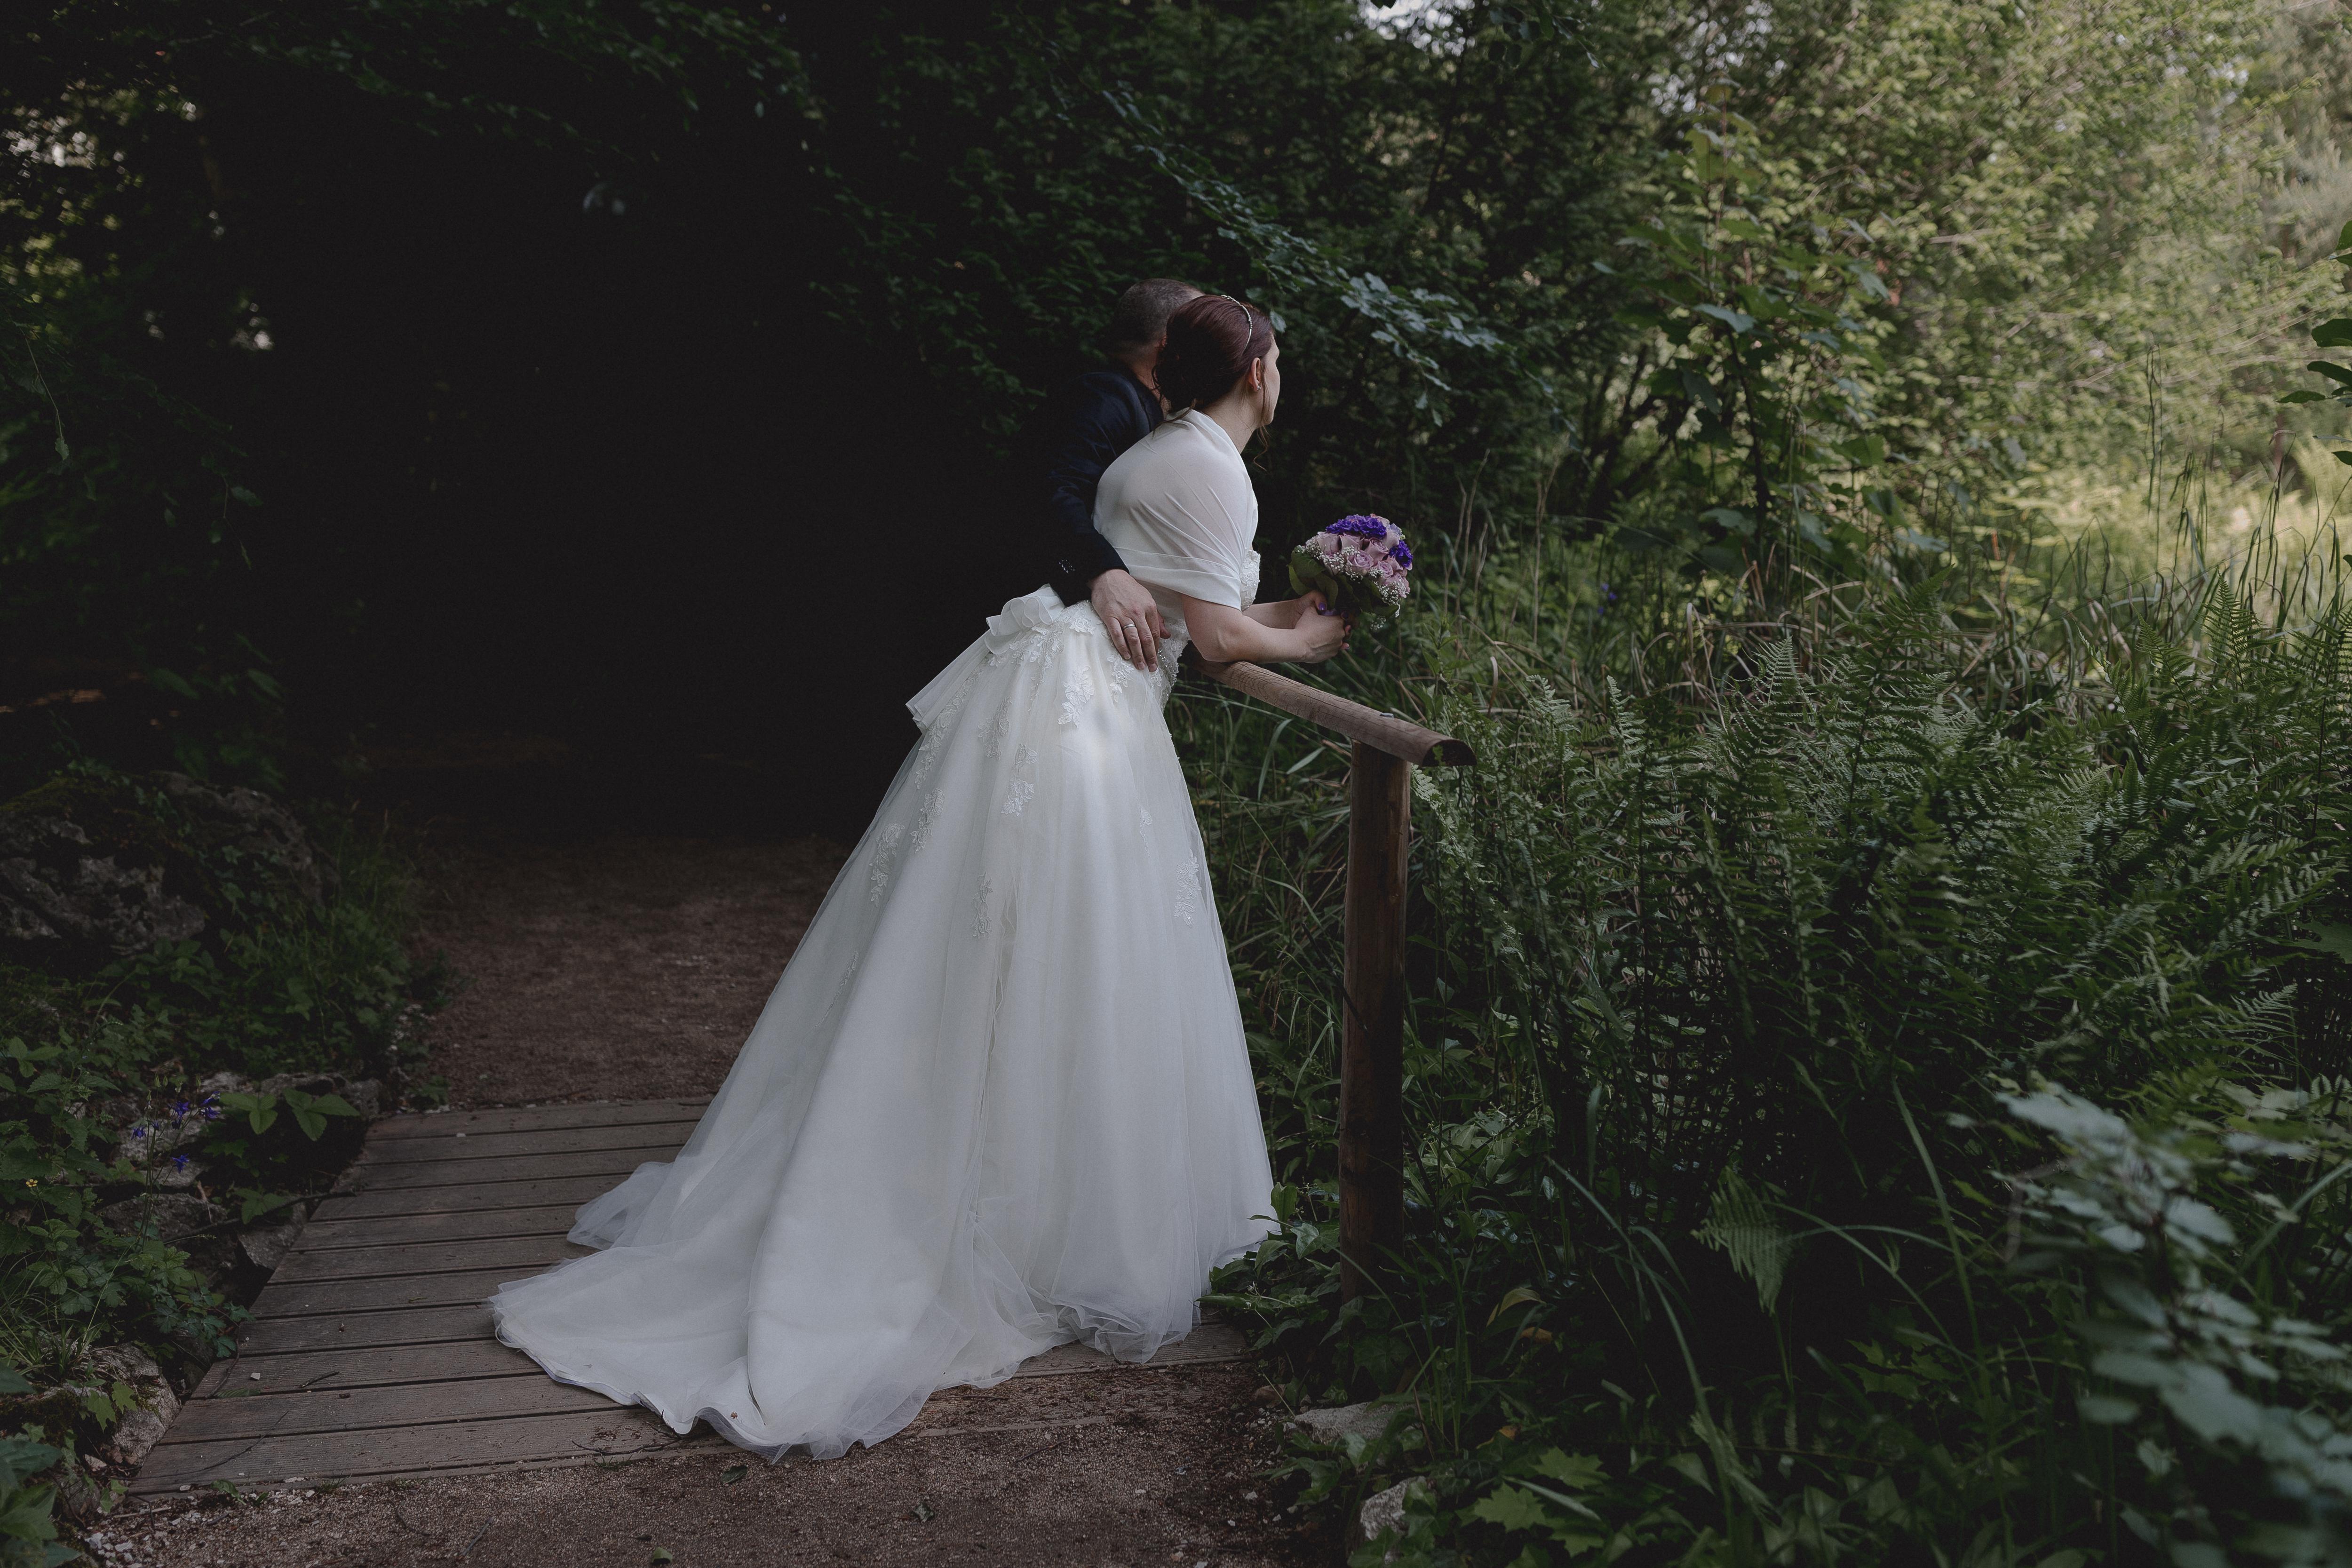 URBANERIE_Daniela_Goth_Vintage_Hochzeitsfotografin_Nuernberg_Fuerth_Erlangen_180519_0585